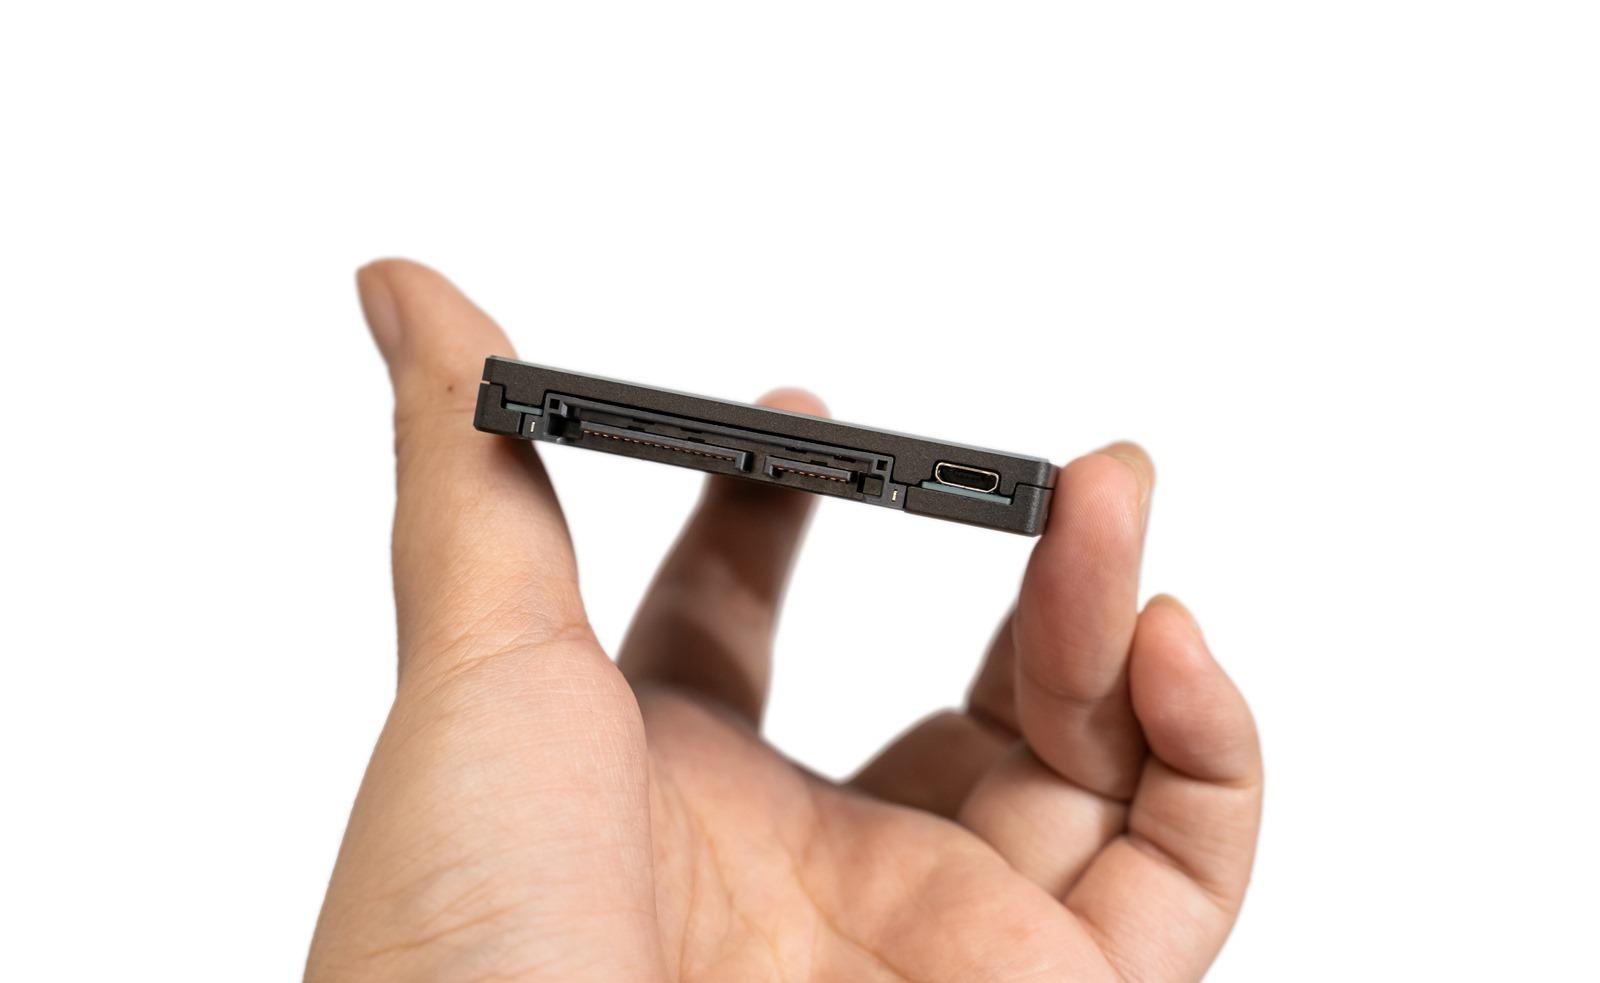 阿輝桌機升級啦!性能實測 intel i9-9900k 最新處理器 / 華擎 ASROCK Z390 TAICHI 主機板 / 金士頓 RGB 記憶體 / 圓剛 Live Gamer 4K60P 擷取卡(持續更新)@3C 達人廖阿輝